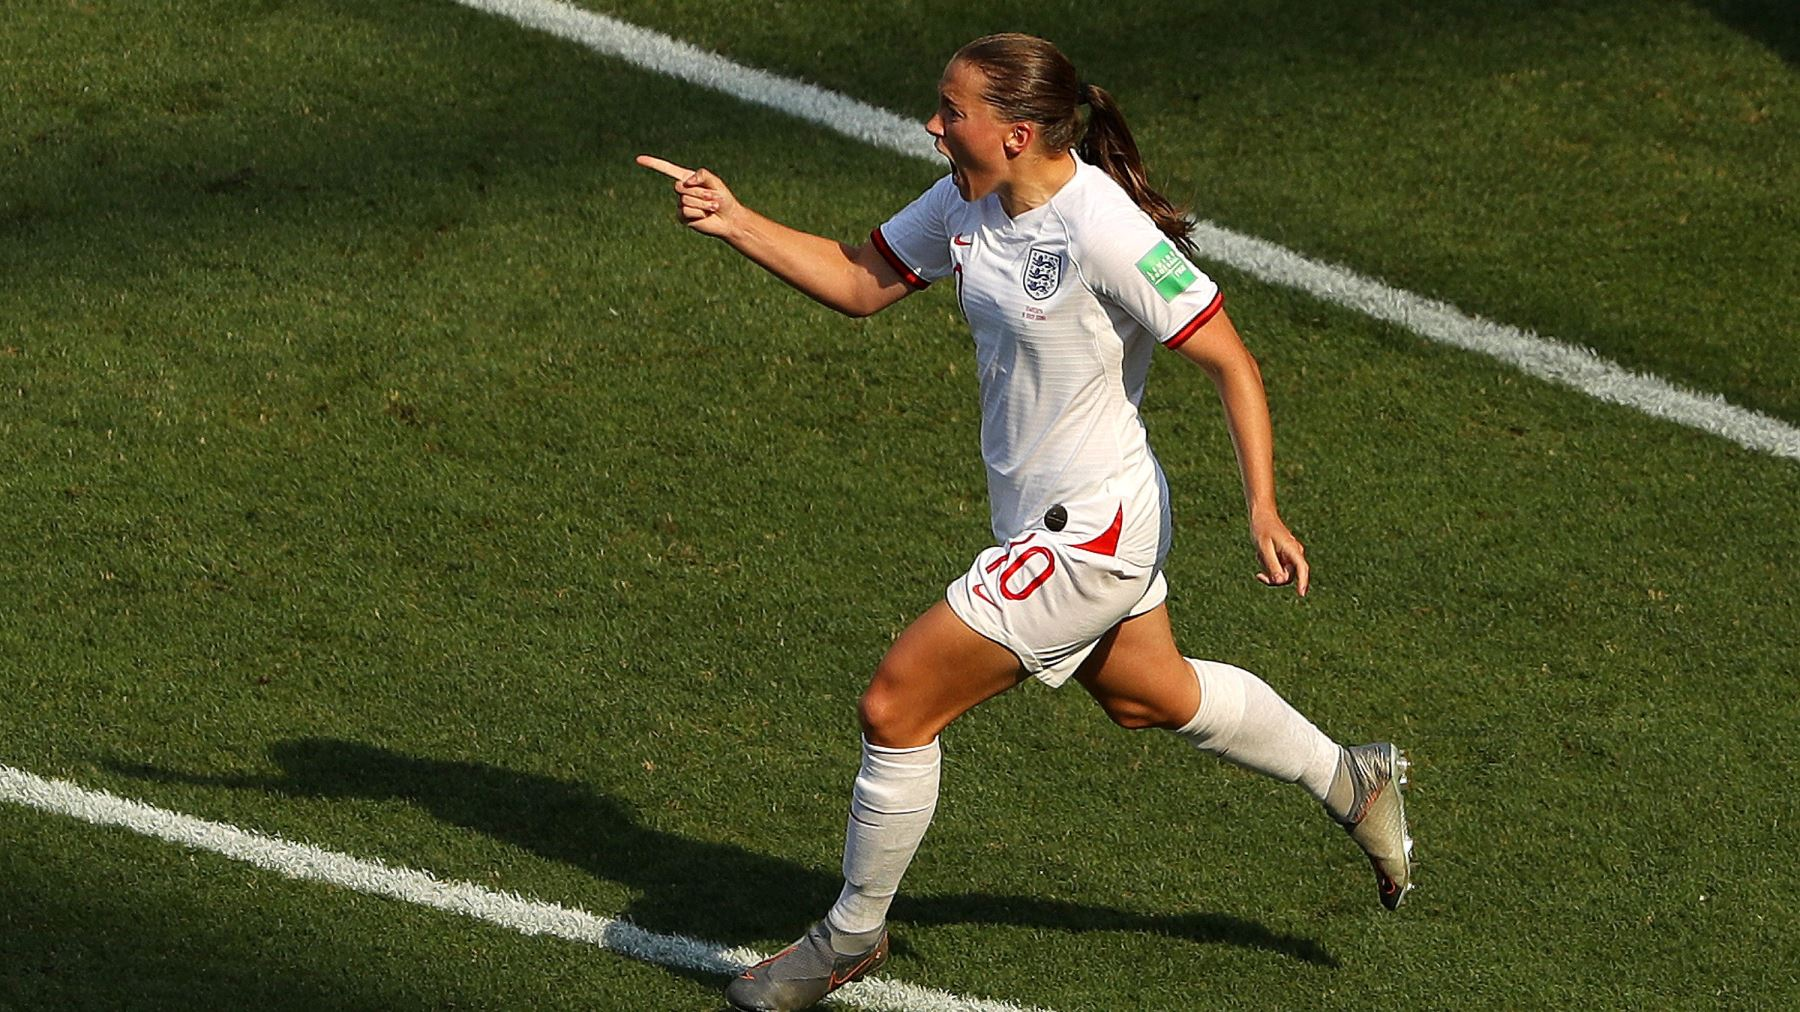 Equipo británico femenino de fútbol se arrodillará en los juegos de Tokio